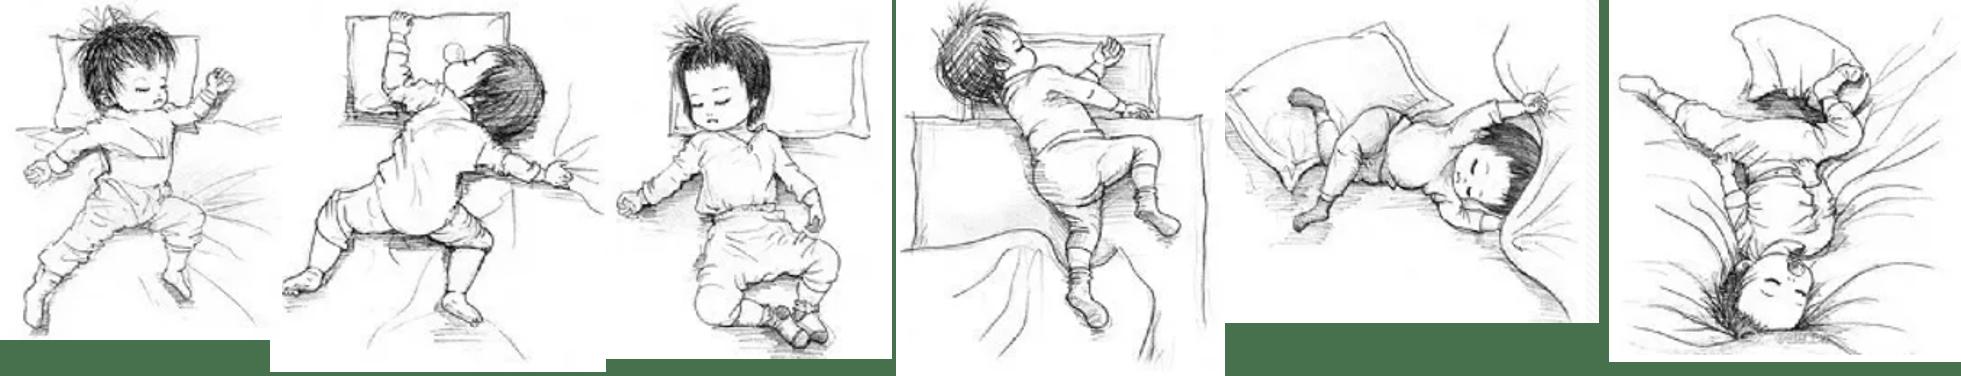 三伏天孩子睡眠不好? 学会这三个小技巧,绝对精神满满!